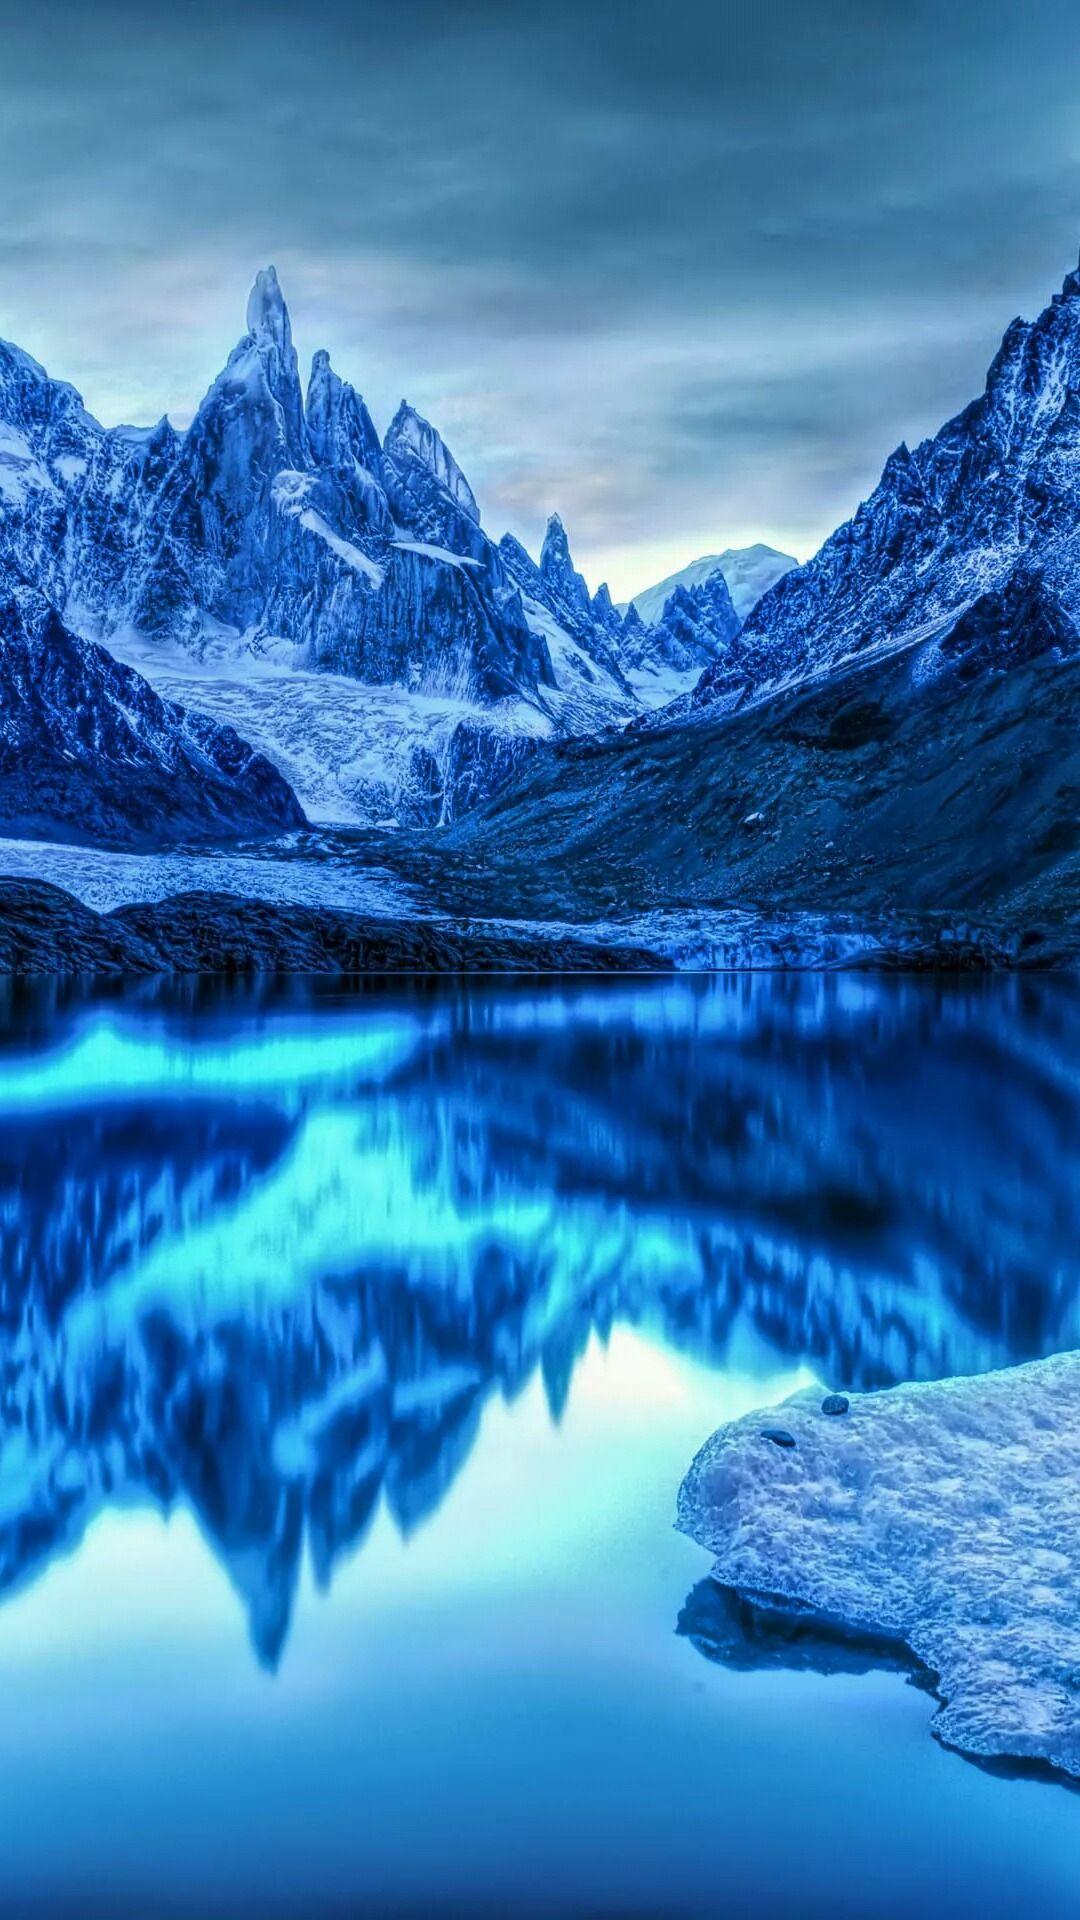 Hd wallpaper samsung - Download Ice Lake Samsung Galaxy J5 Hd Wallpapers Winter Cold Snow Seasons Snowflakes Nature Views